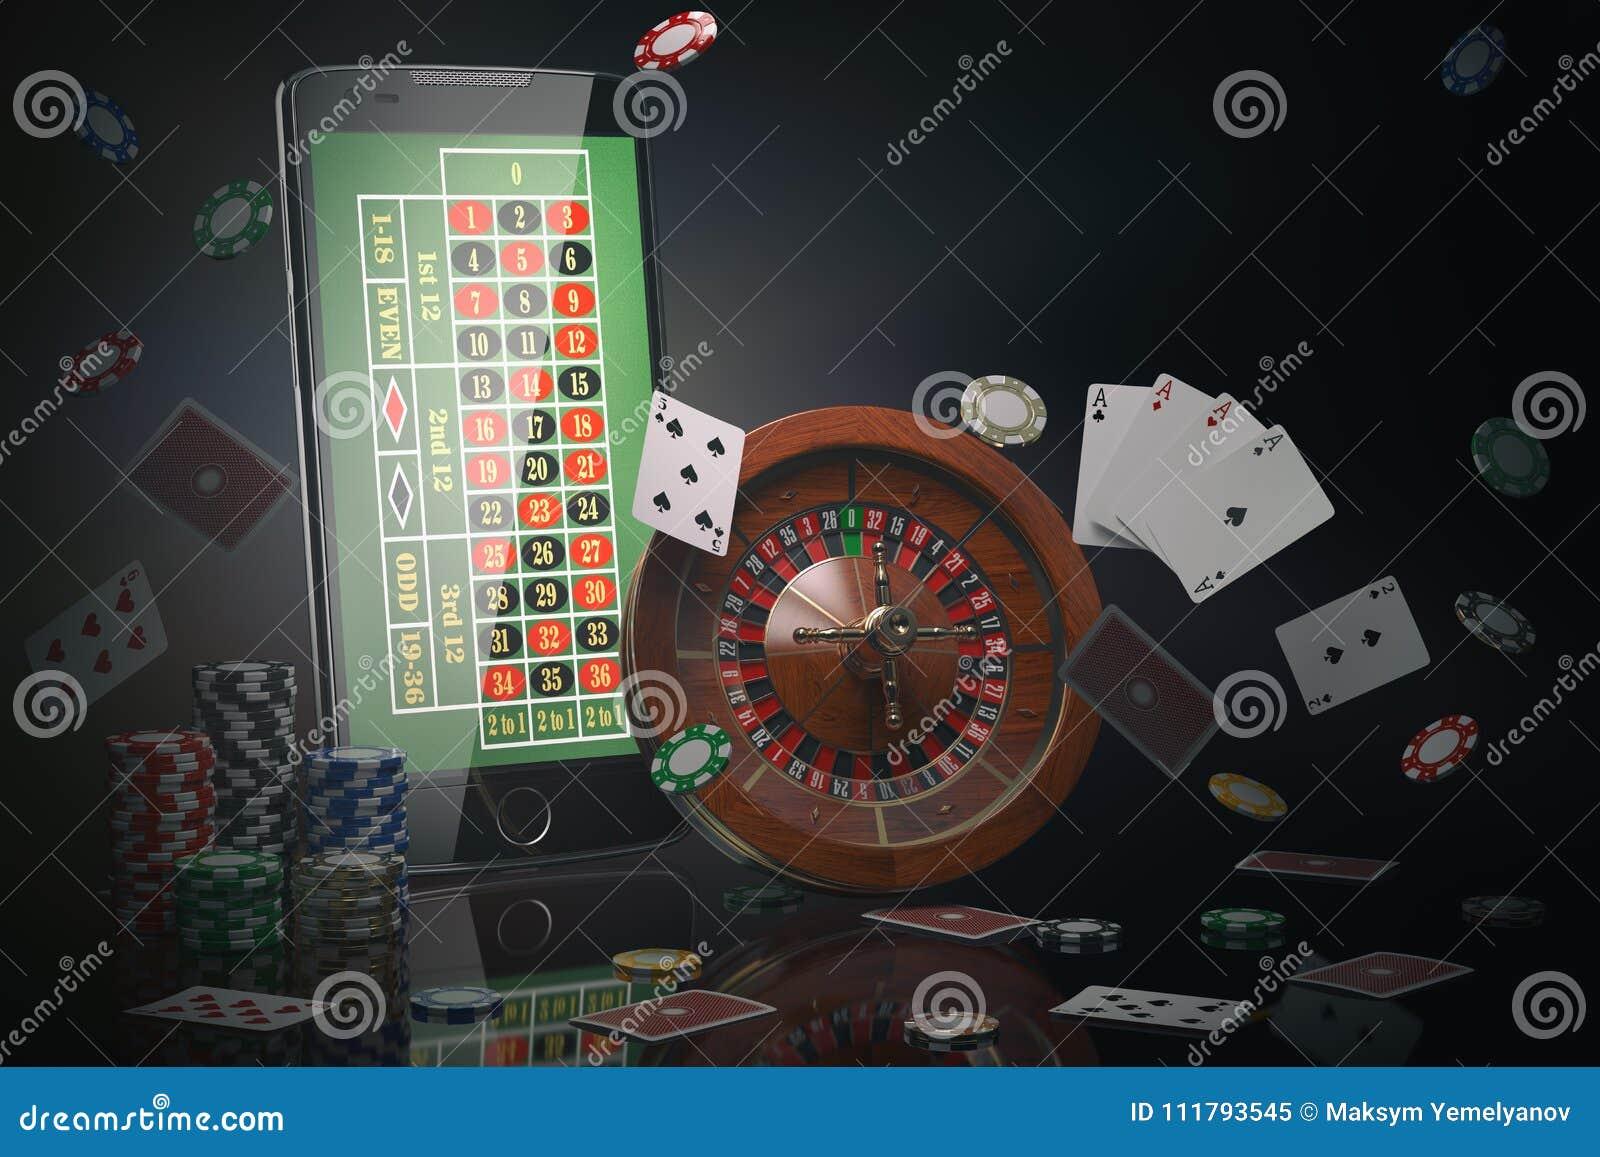 jugar tragamonedas con dinero real